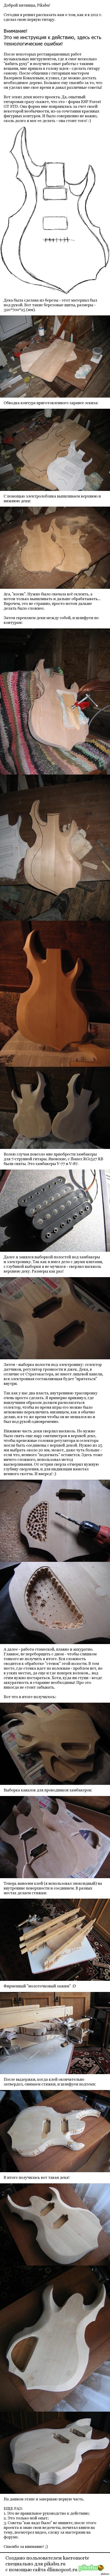 схема и экранировка электрогитары урал 650